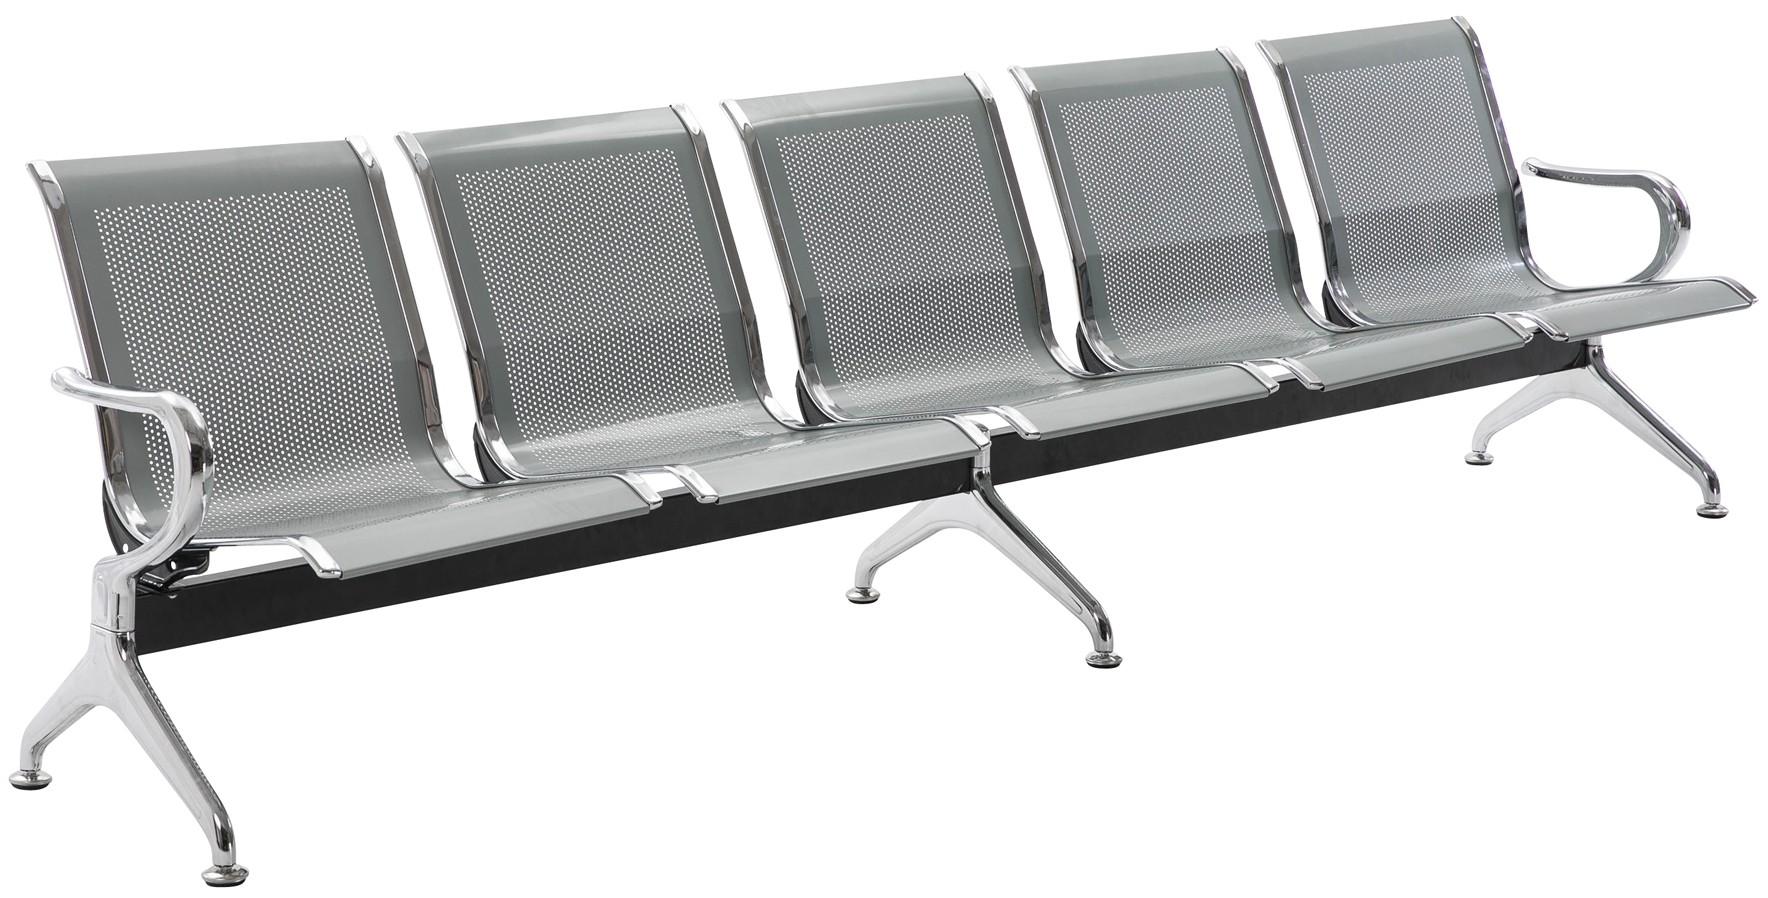 5er Wartebank Airport